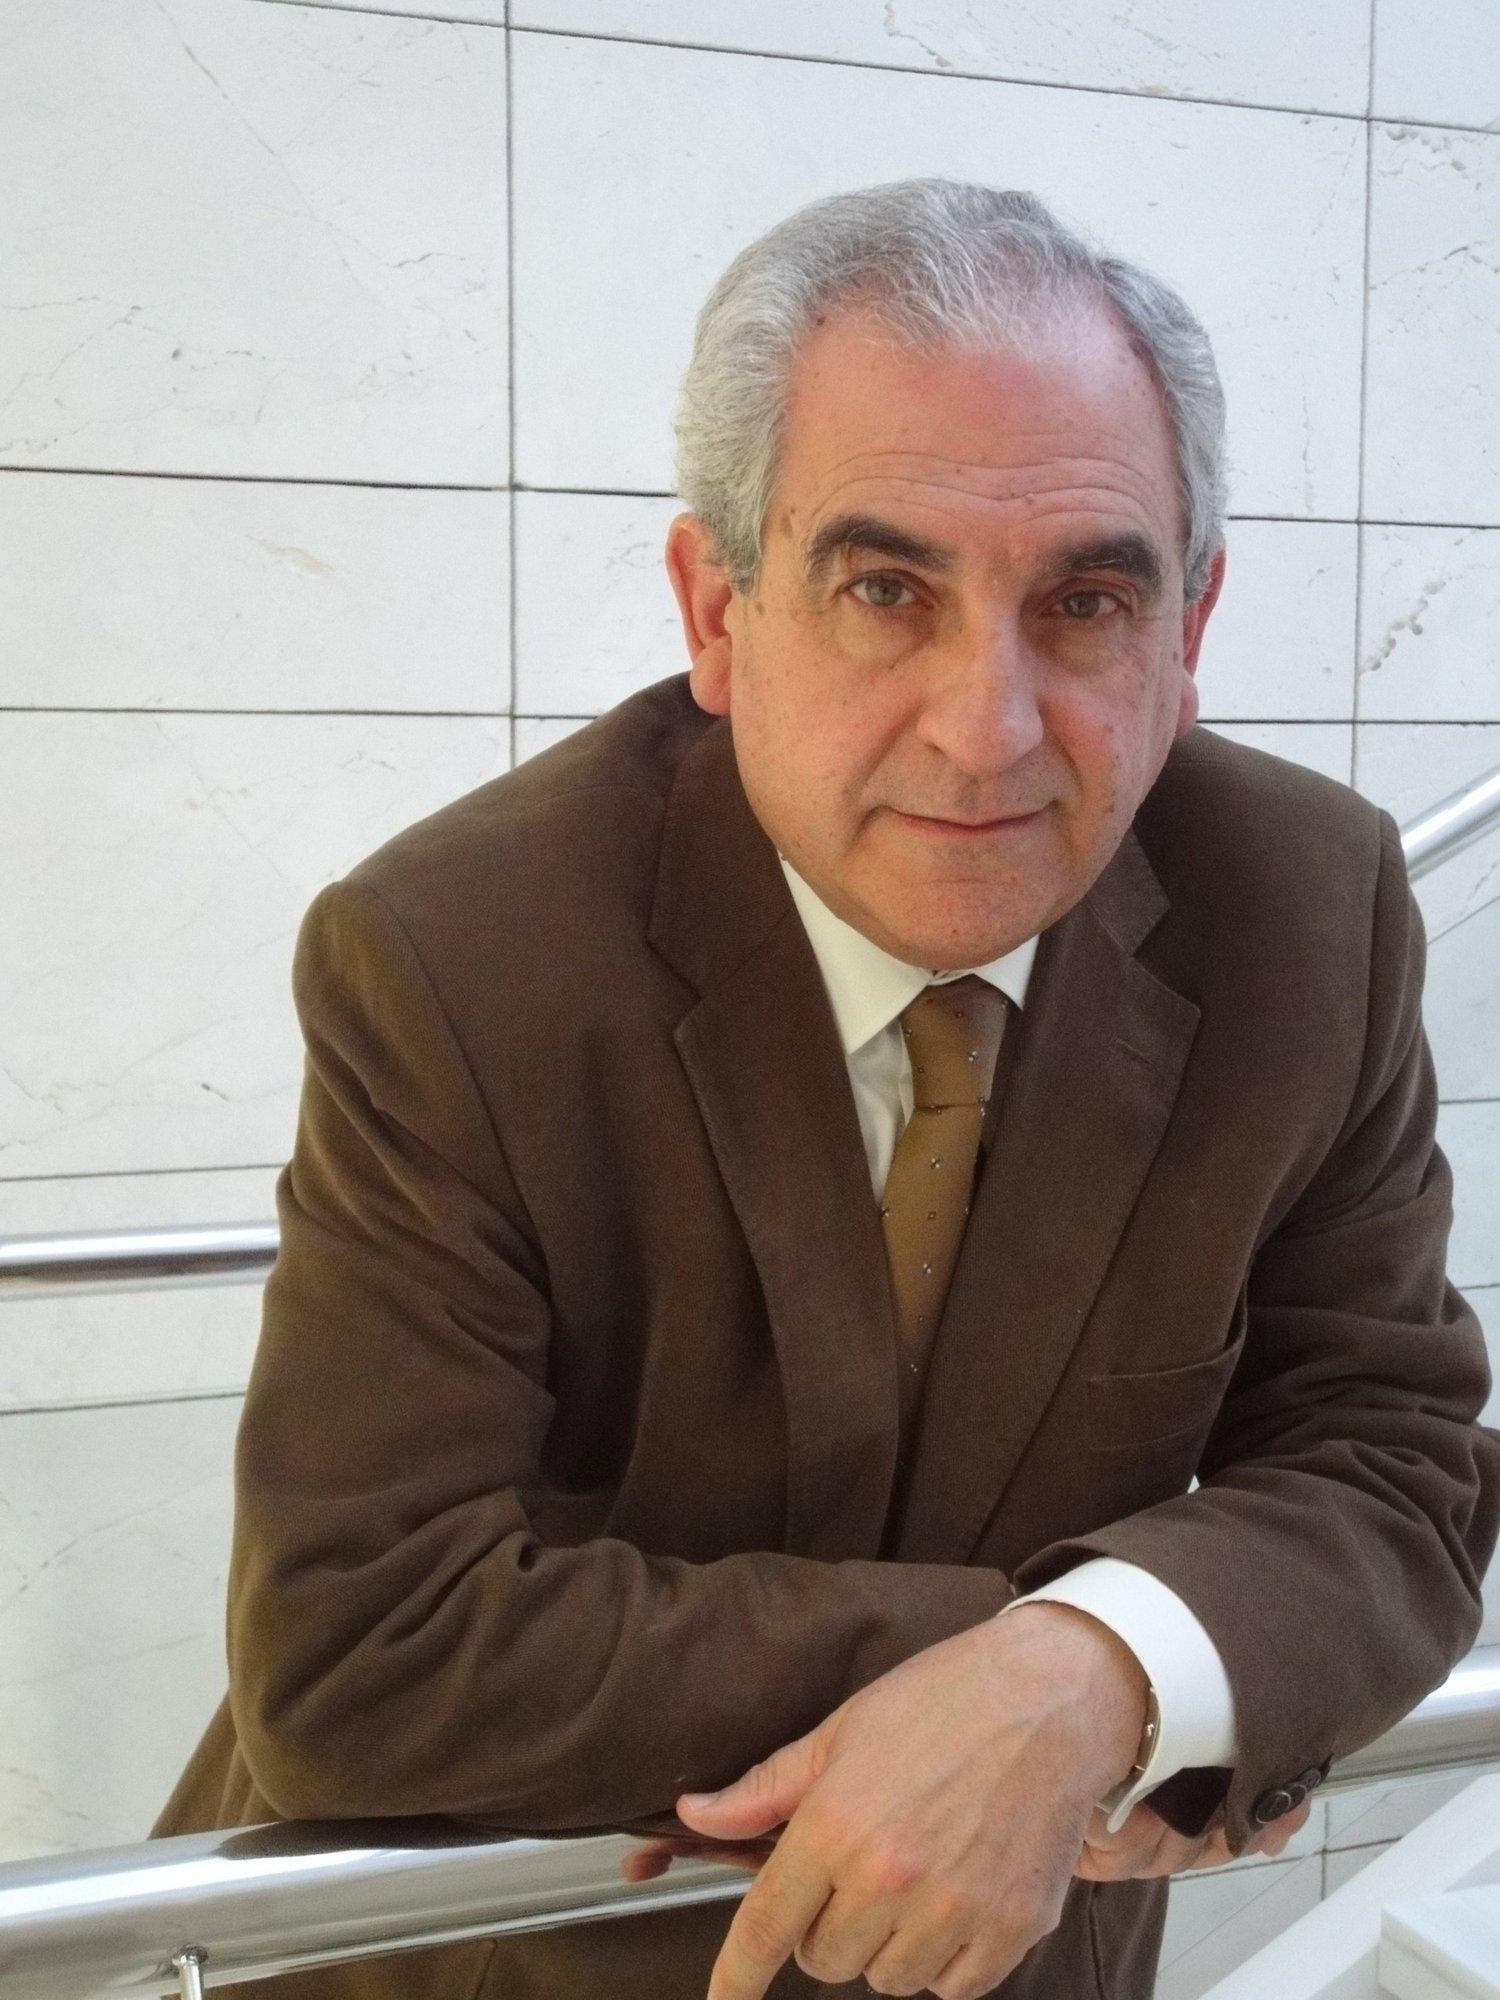 El director de PITA aboga por incentivar un nuevo modelo económico porque el actual «hace aguas»